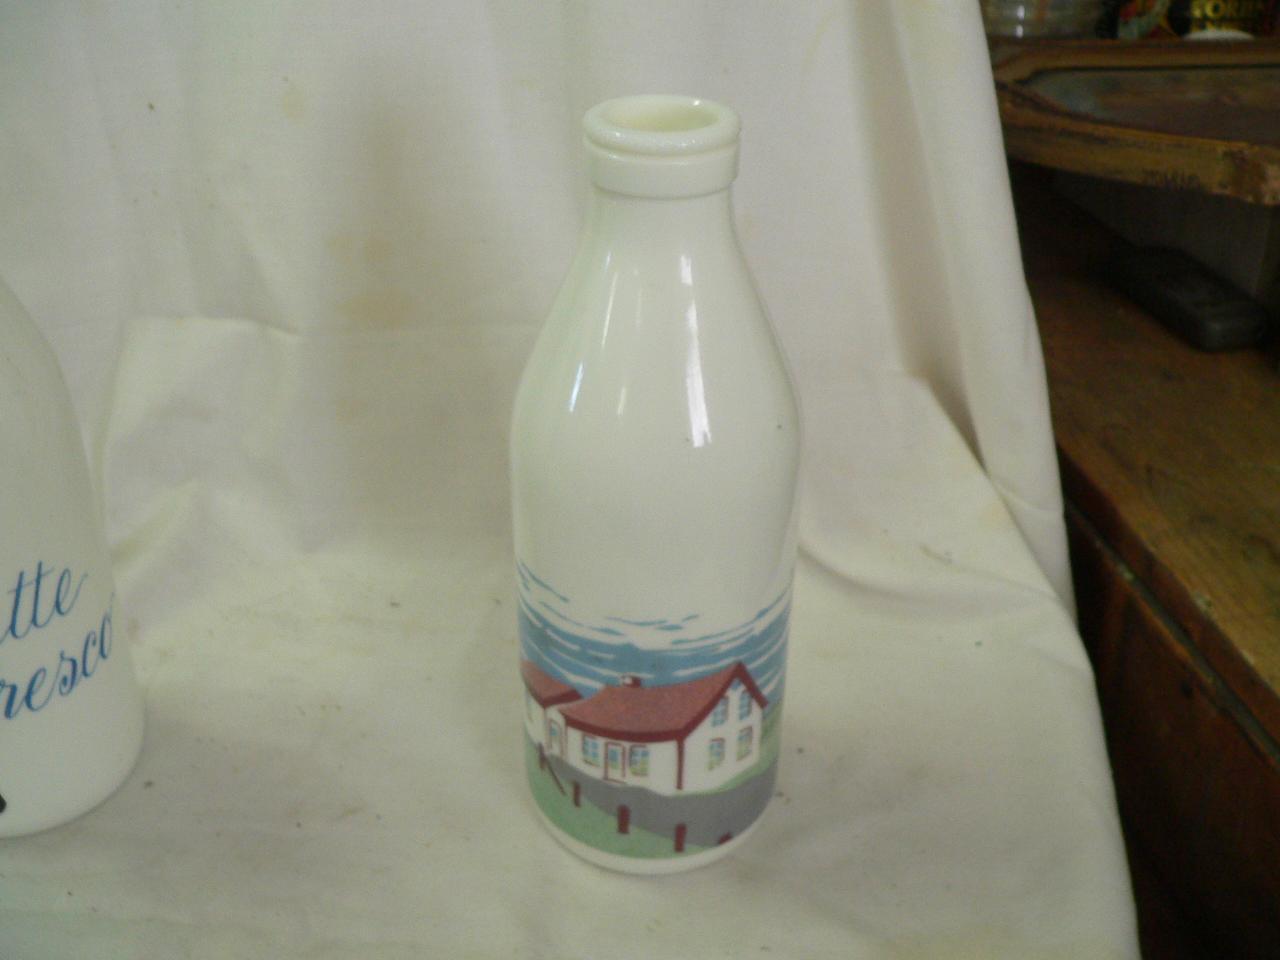 Bouteille de lait blanche # 3553.3